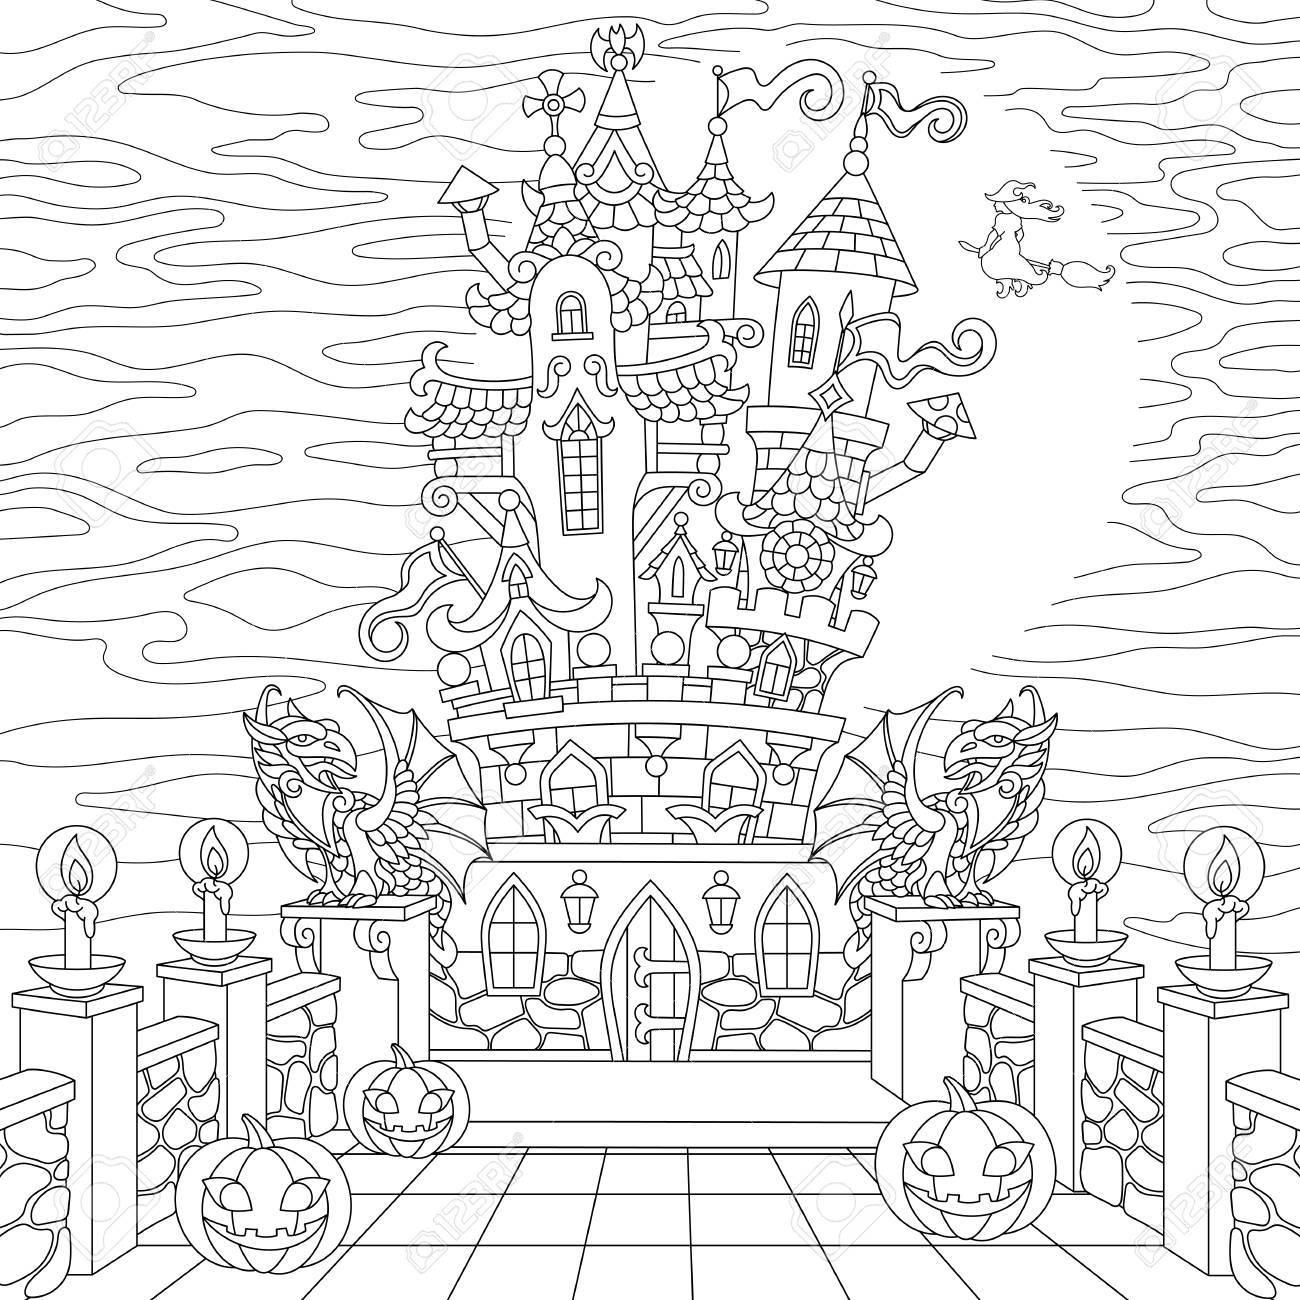 Coloriage Grand Chateau.Coloriage D Halloween Chateau Fantasmagorique Citrouilles D